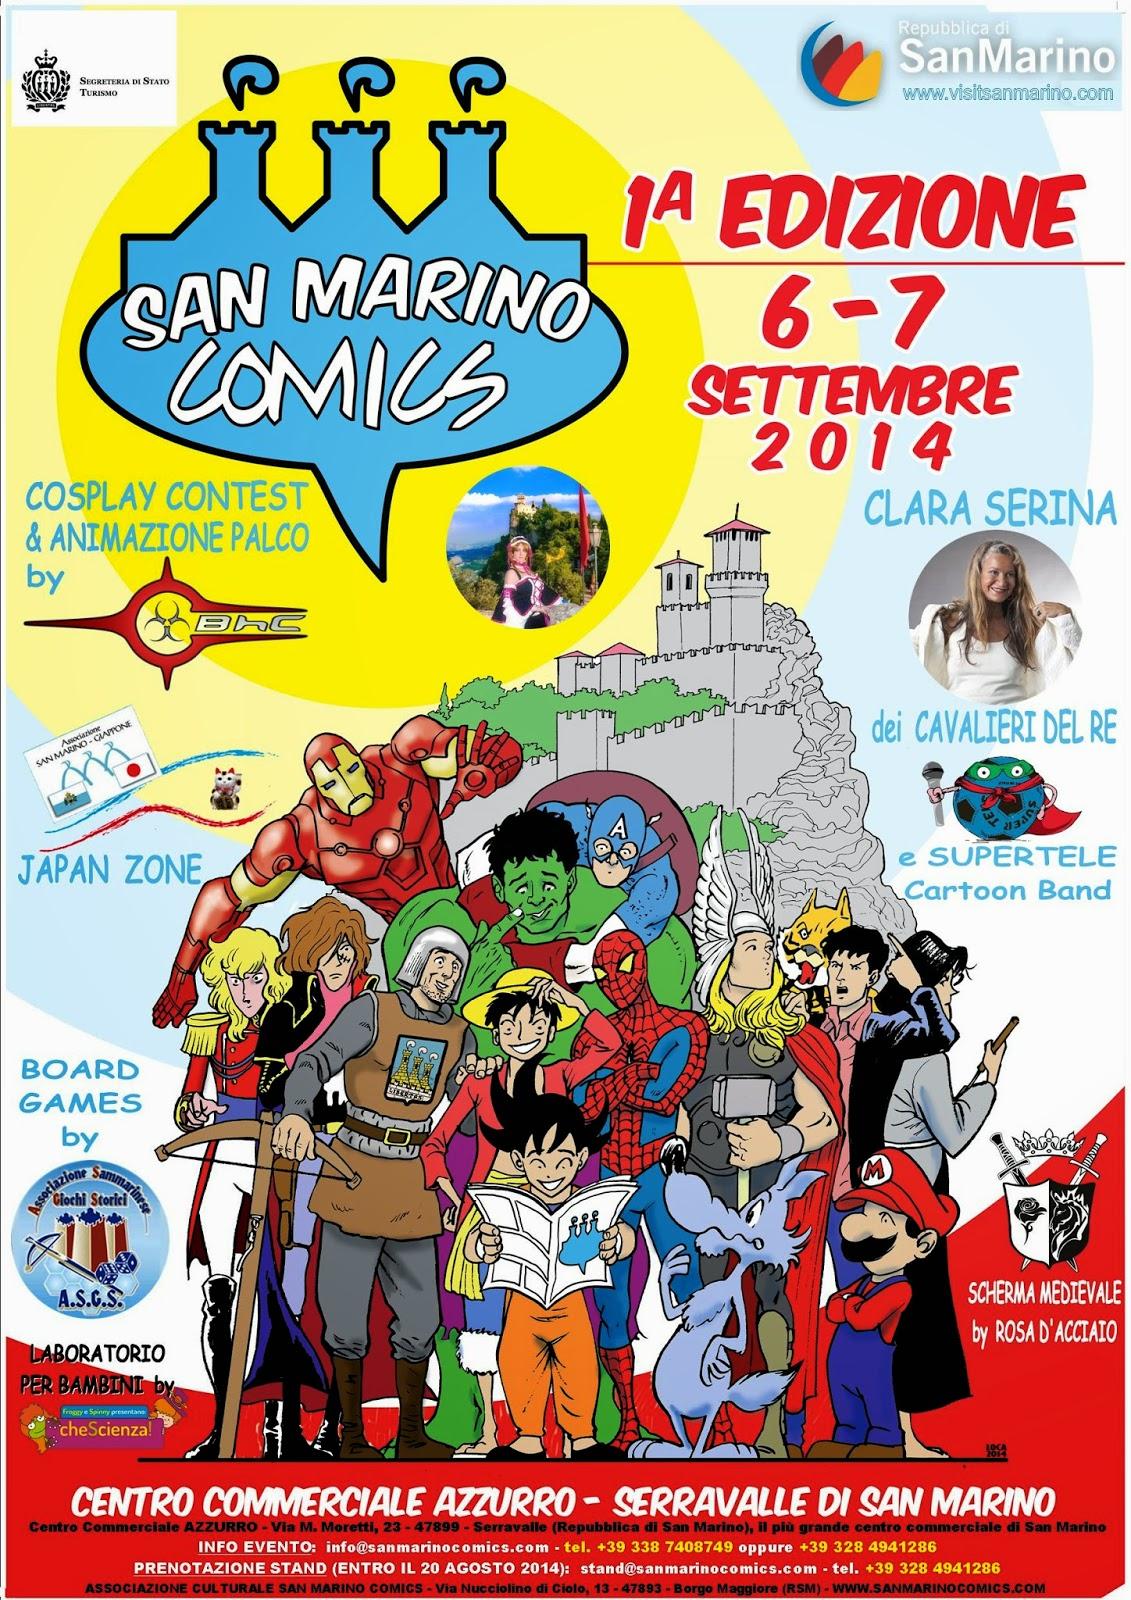 SAN MARINO COMICS 2014 - FESTIVAL DEL FUMETTO, DEL COSPLAY E DELLA MUSICA